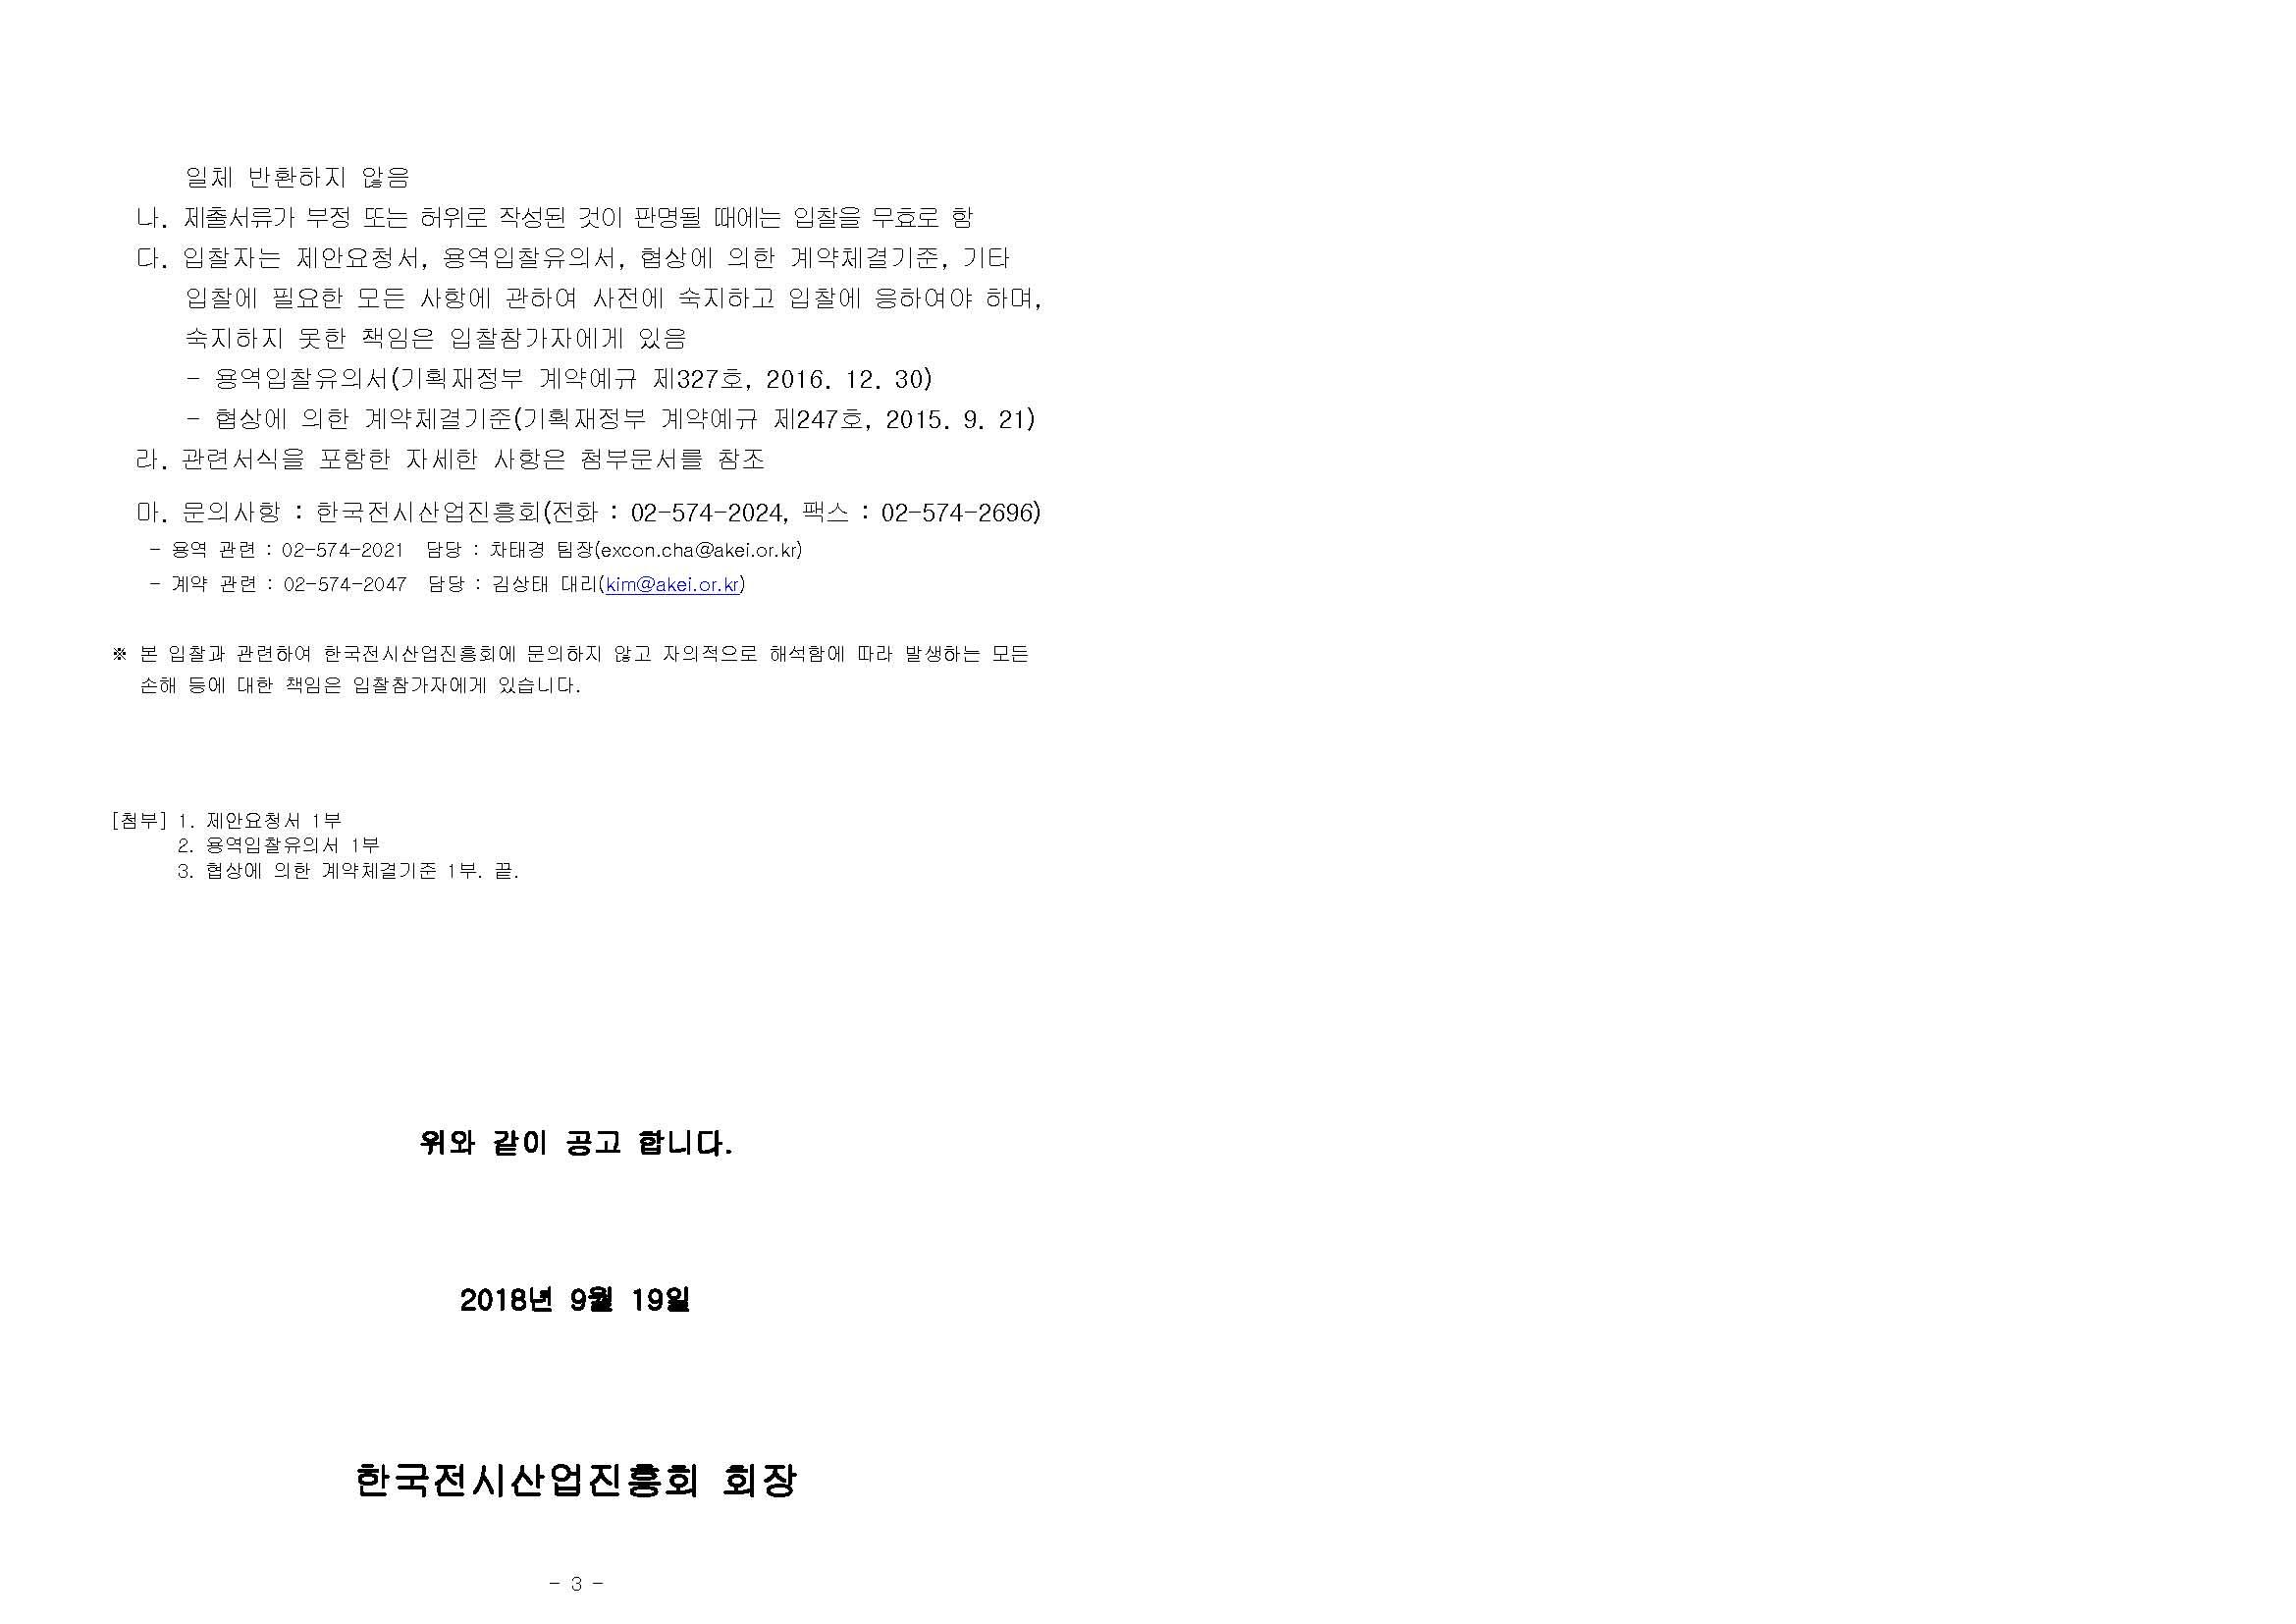 2019 한국전시컨벤션산업전 전시부스 설치용역 입찰 공고(안)_페이지_2.jpg